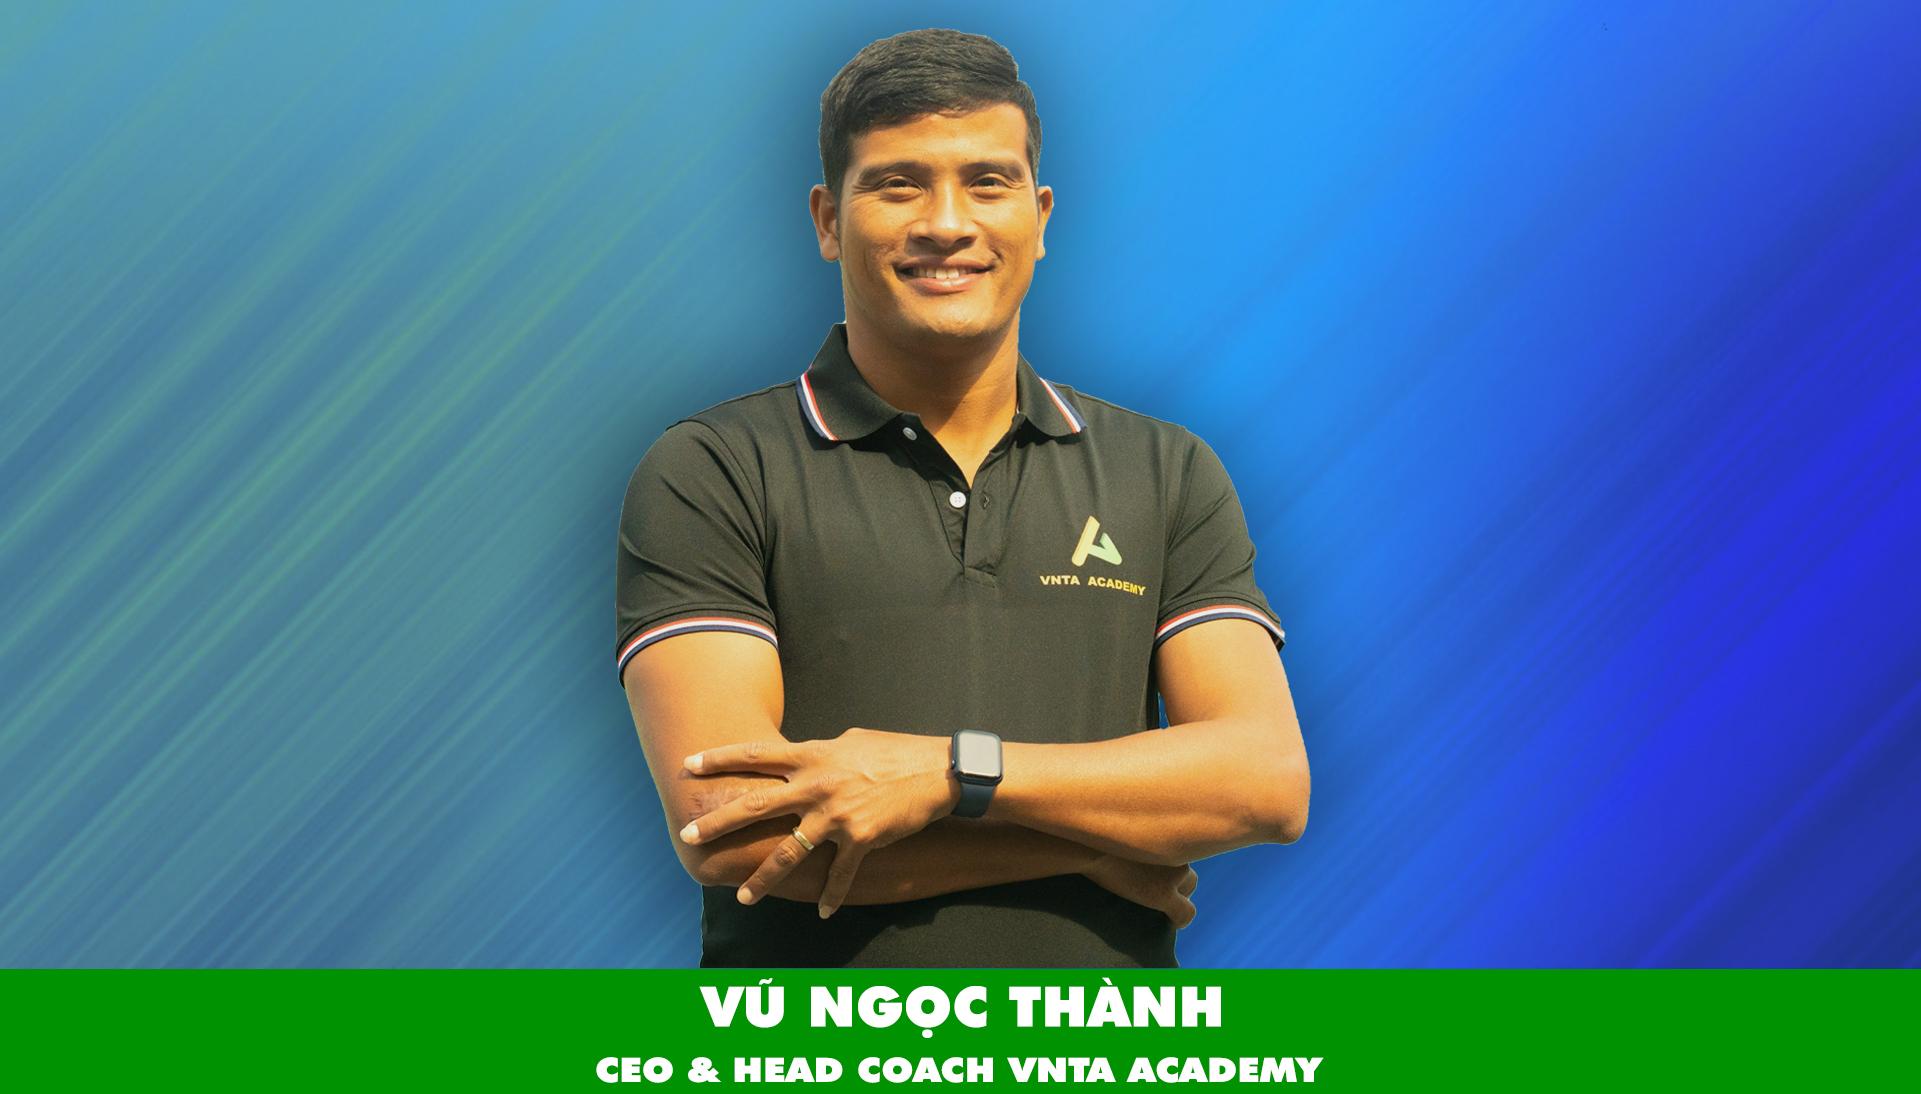 VU NGOC THANH.psd 002